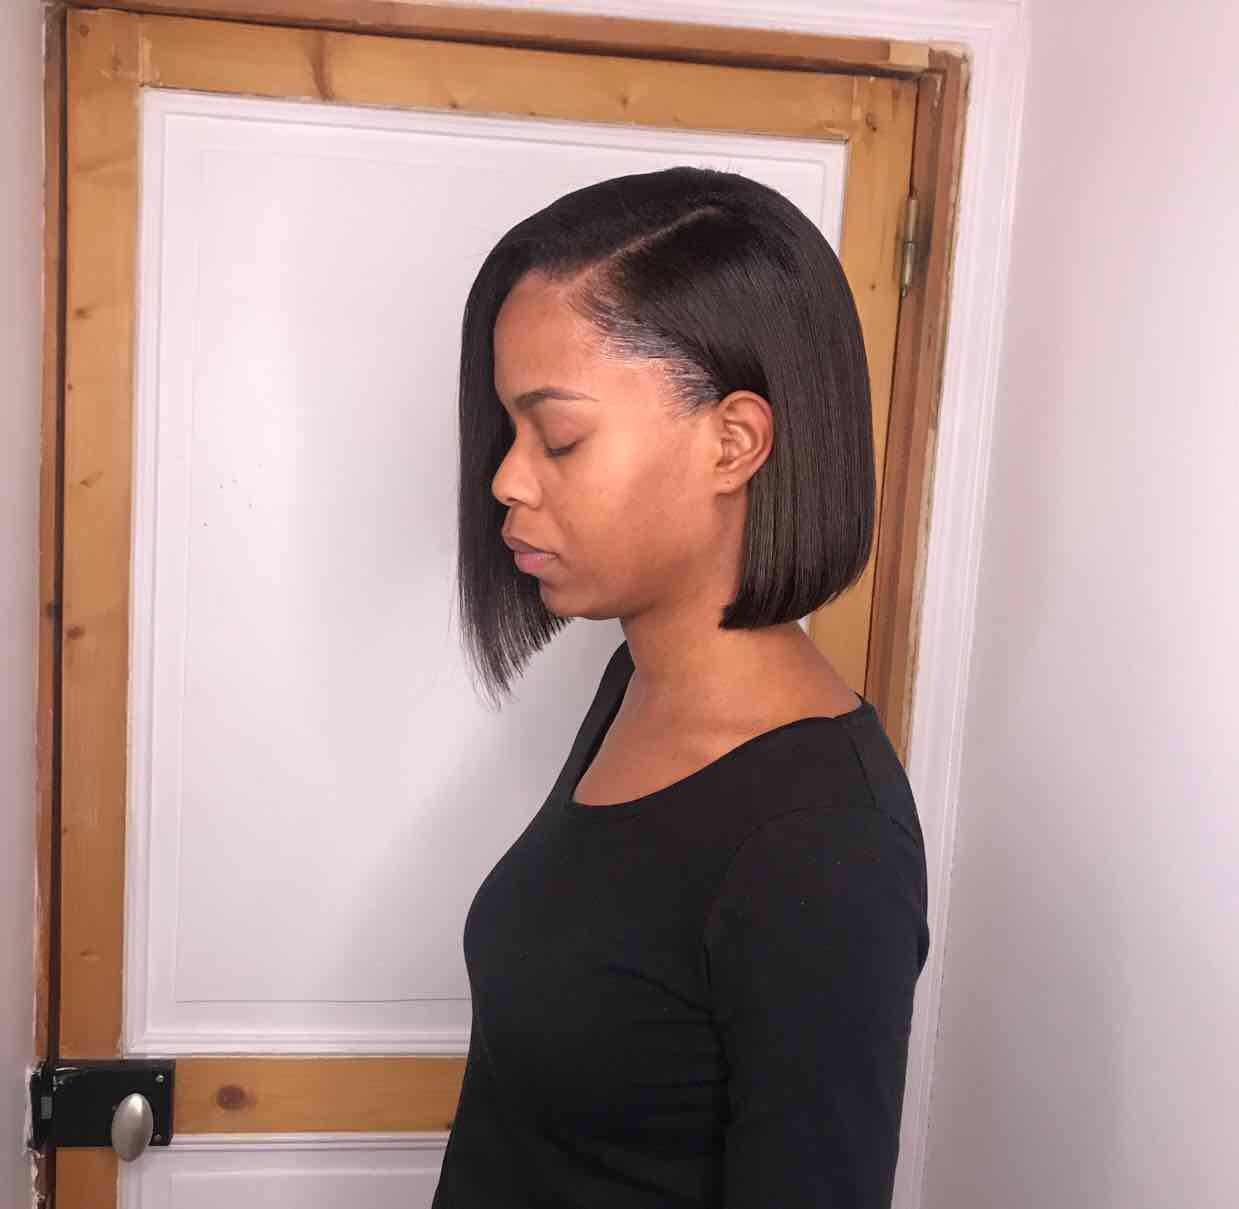 salon de coiffure afro tresse tresses box braids crochet braids vanilles tissages paris 75 77 78 91 92 93 94 95 LZUJYYKR